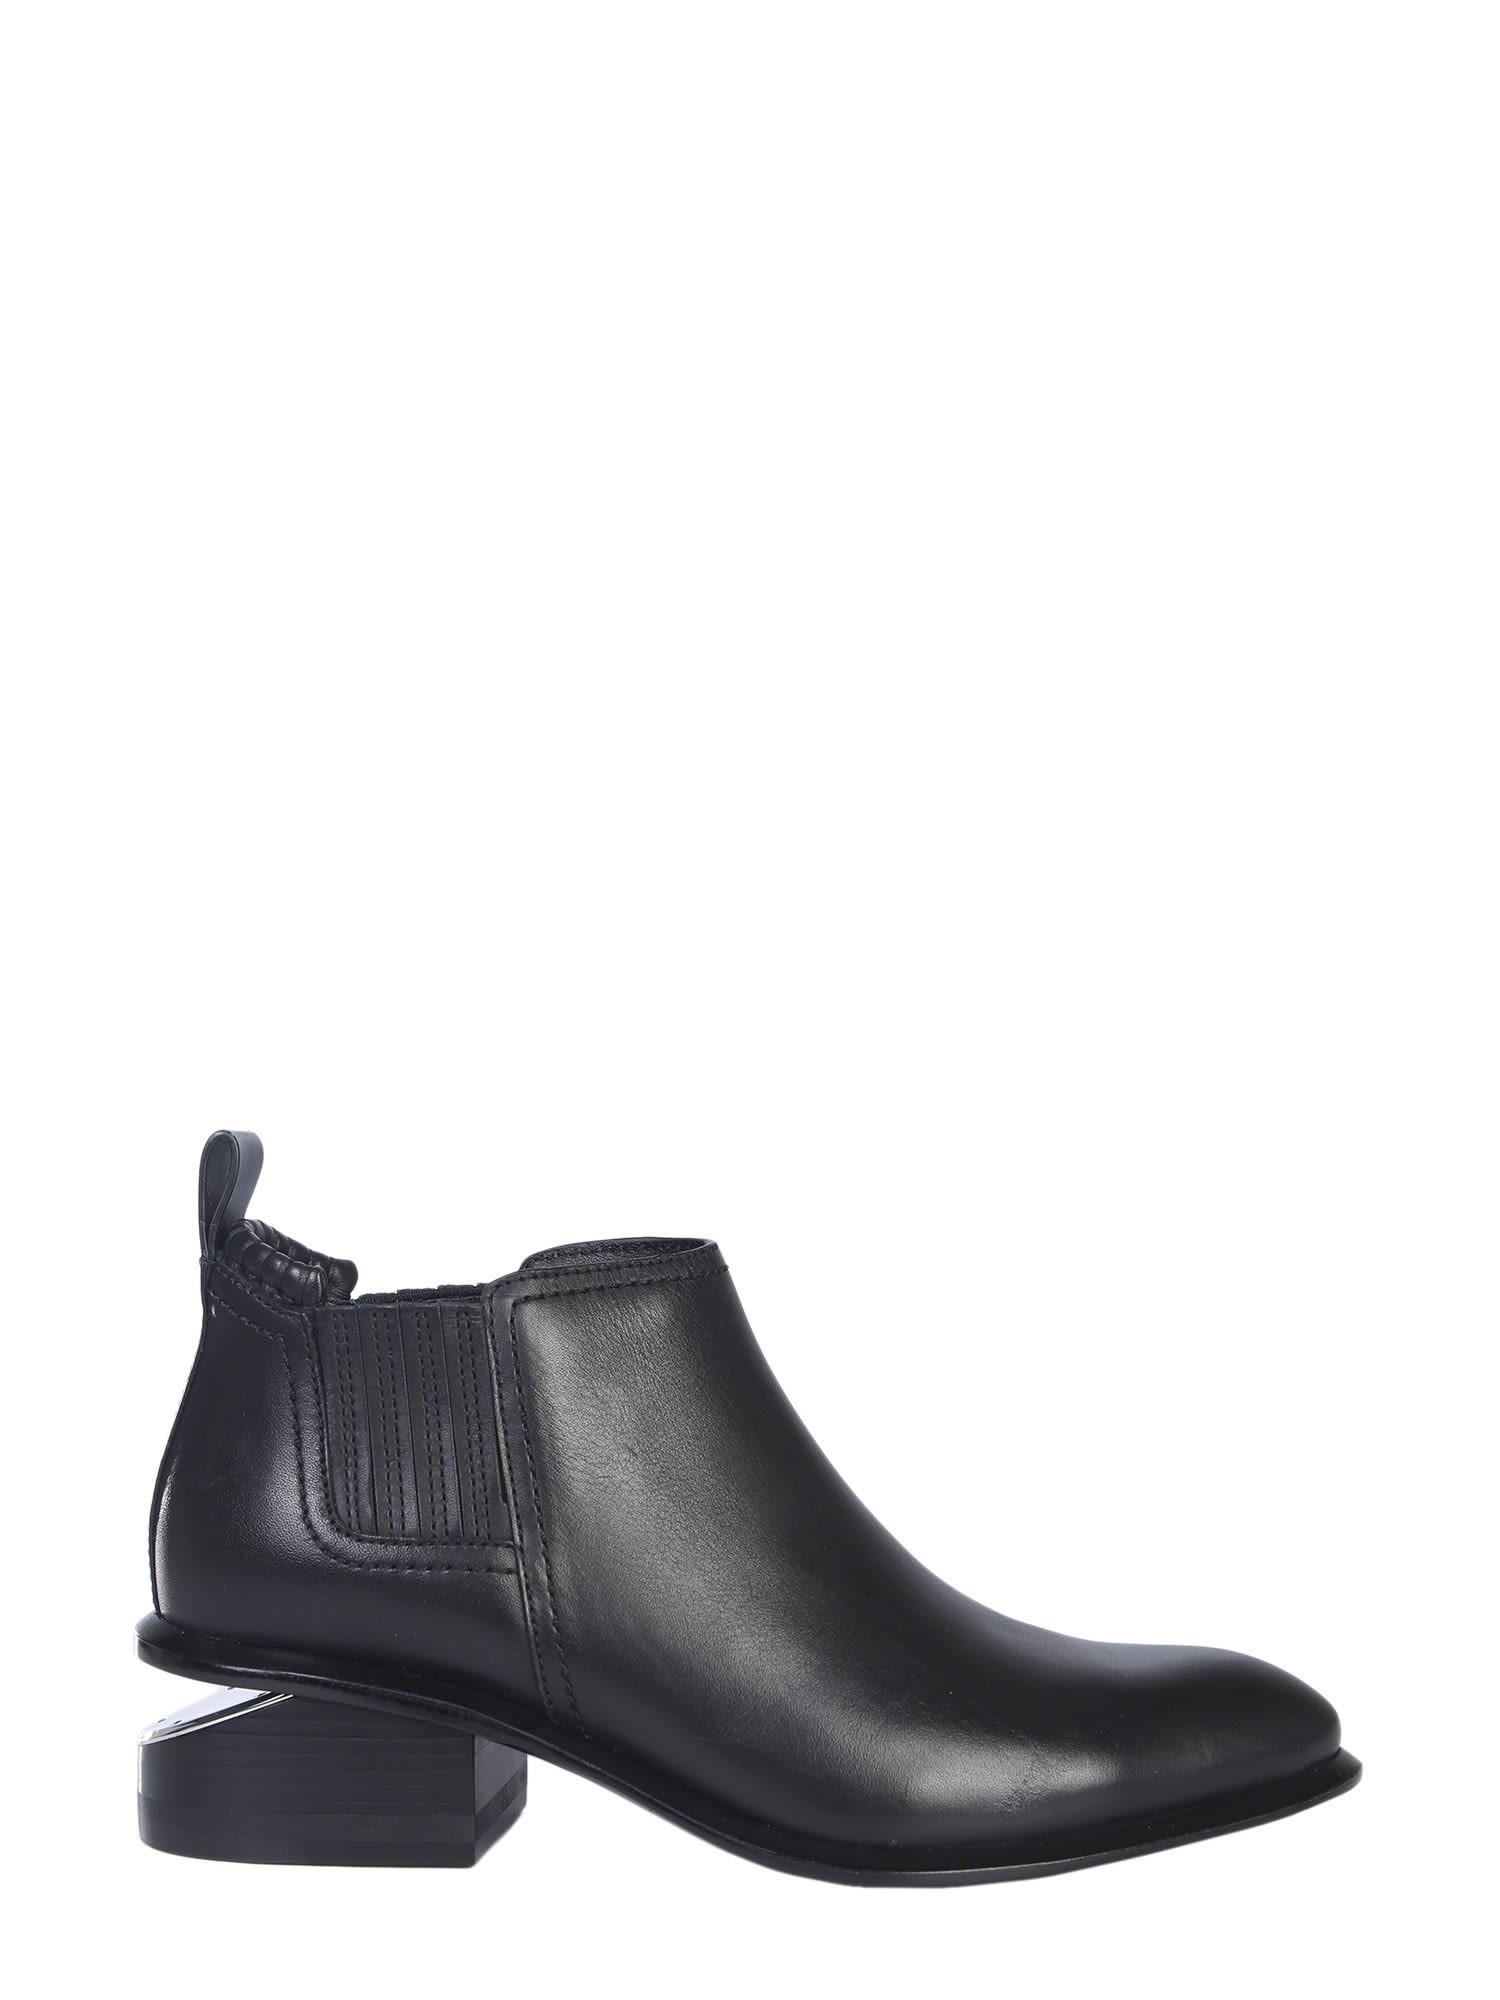 Kori Boot in Nero